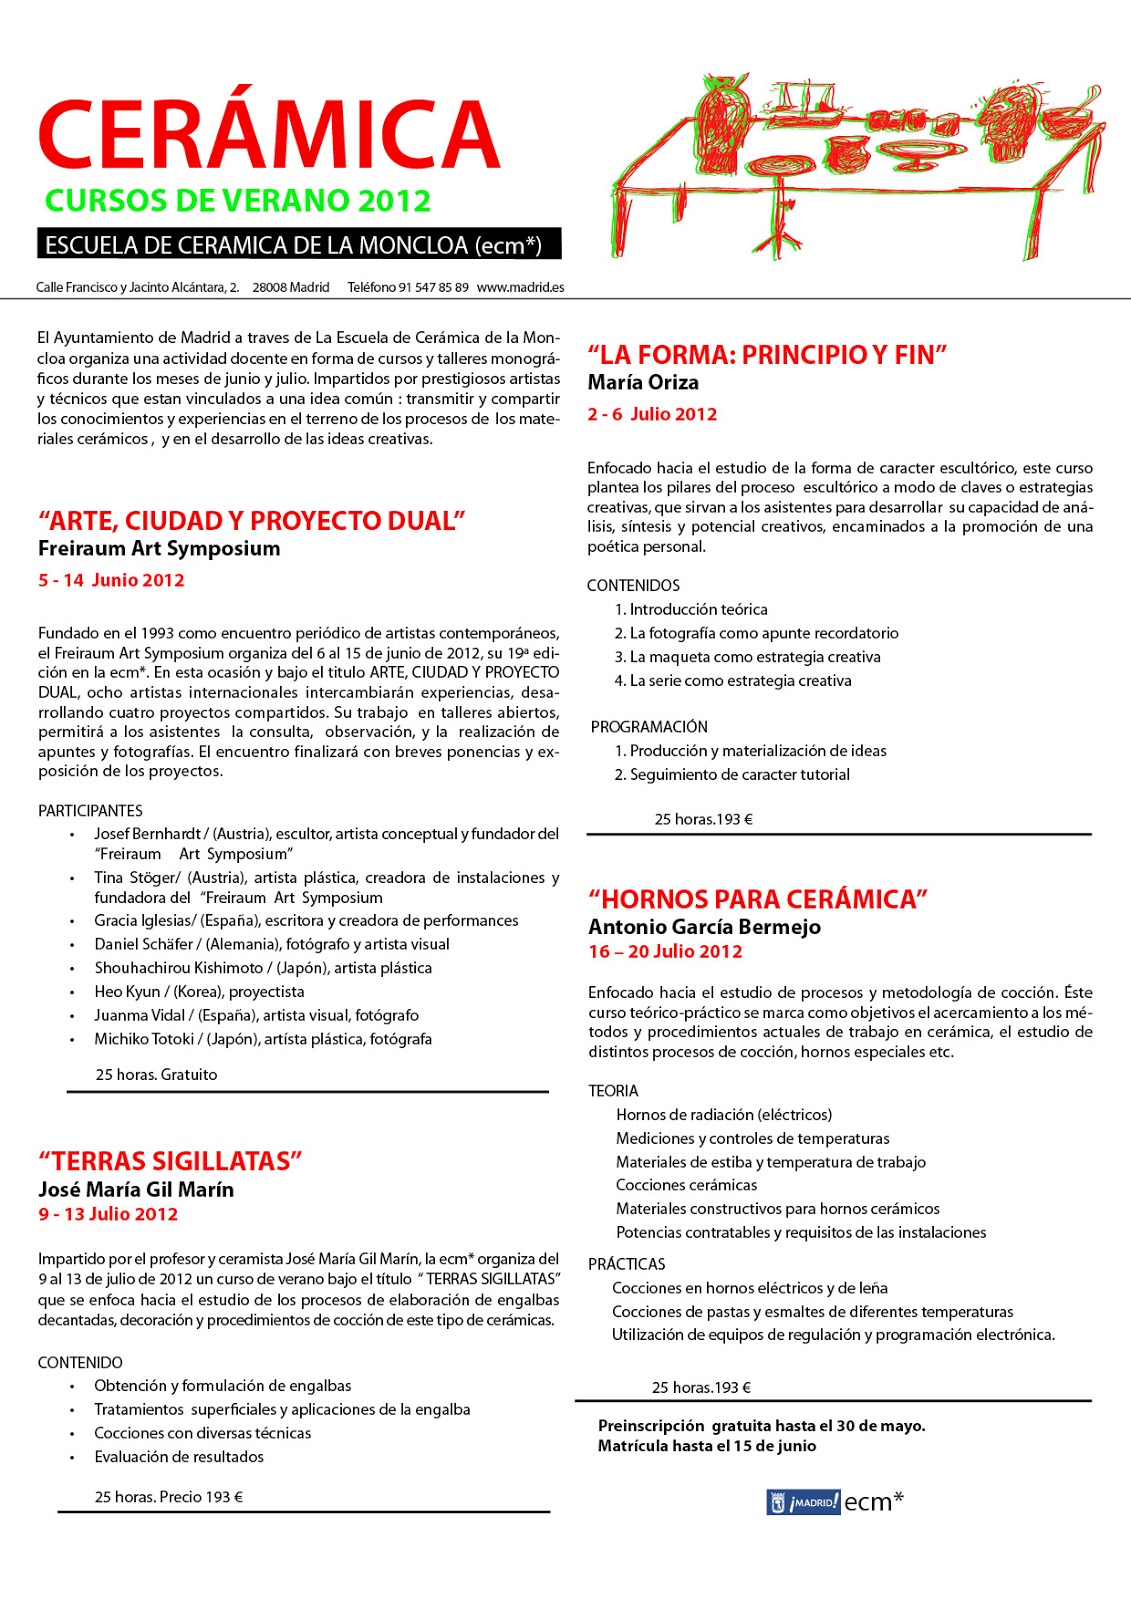 Escuela de cer mica de la moncloa madrid cursos en verano for Curso ceramica madrid